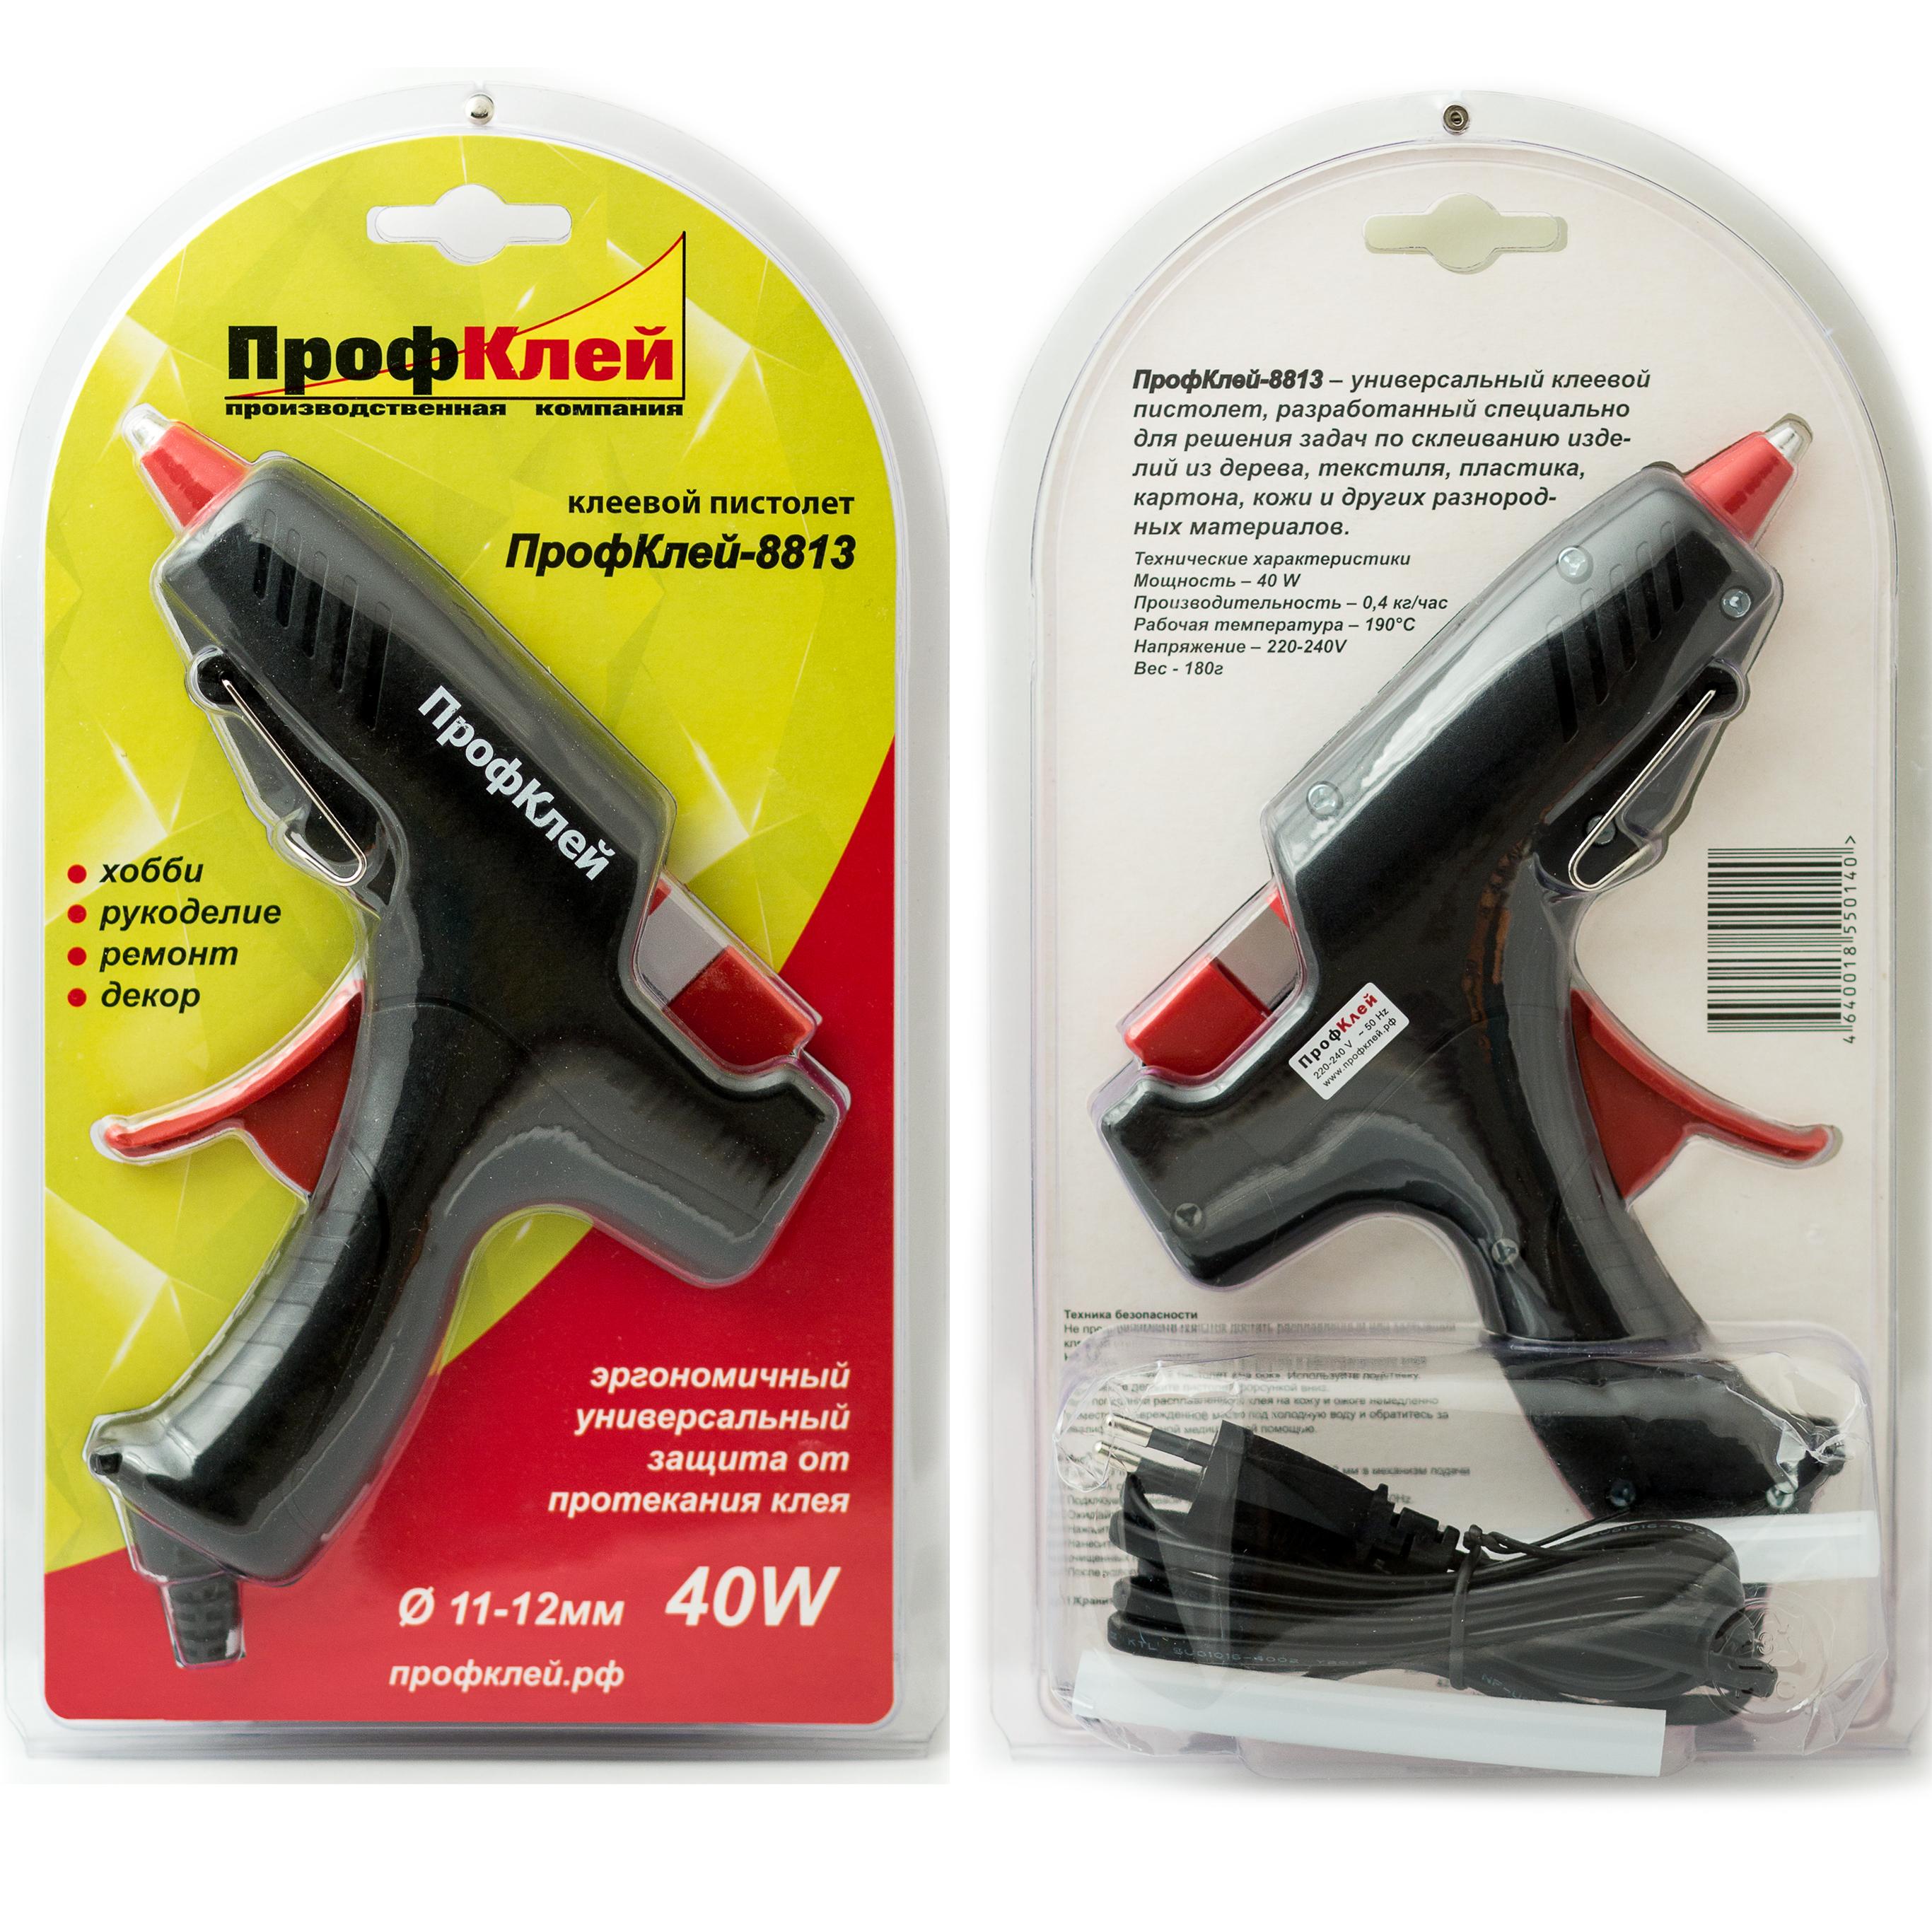 Клеевой пистолет ПрофКлей - 8813 цена и фото